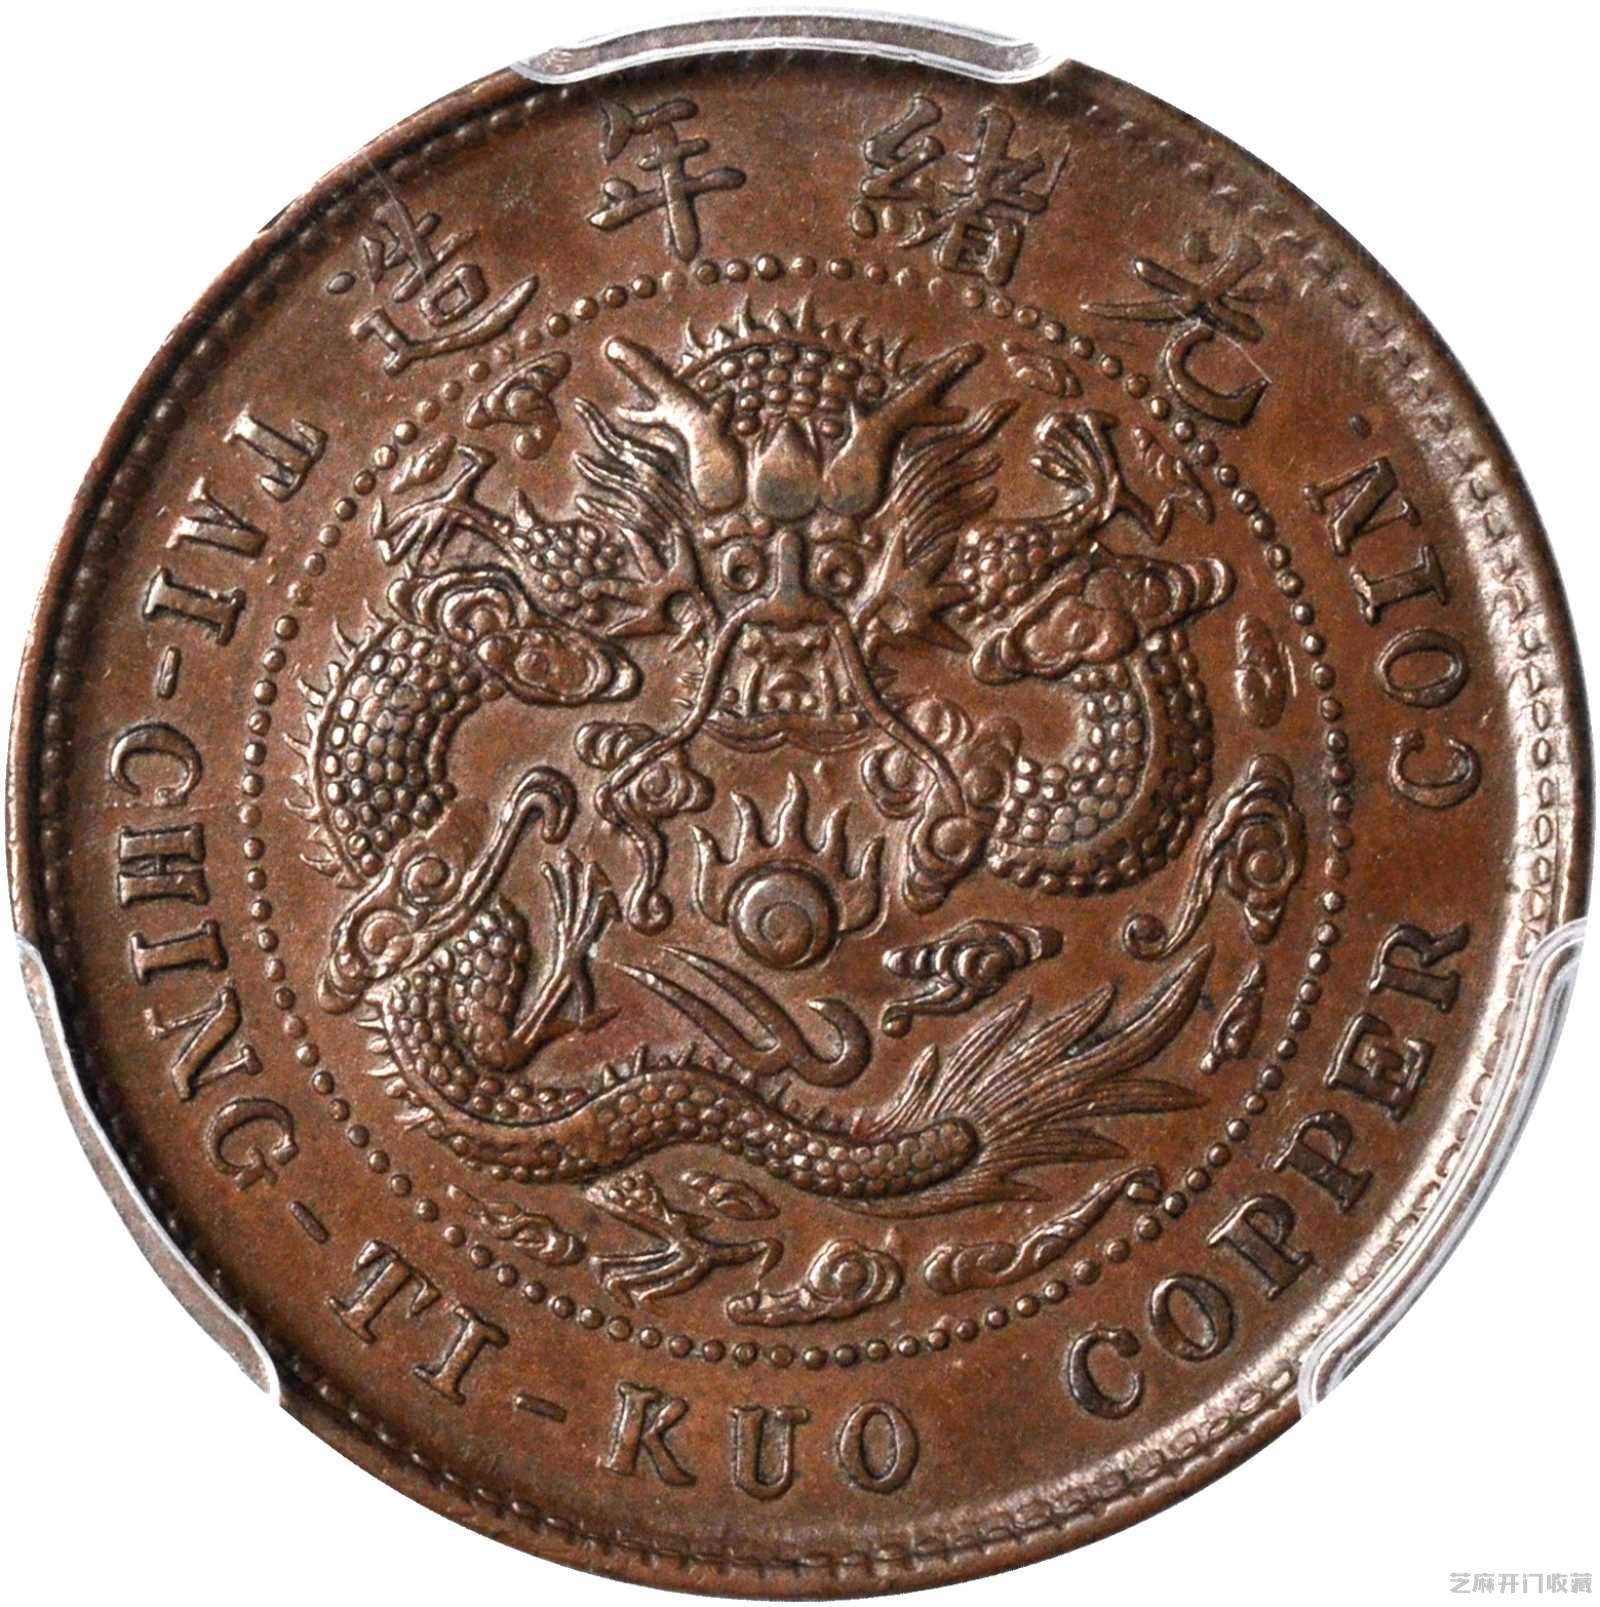 [马踏飞燕图片]光绪年造大清铜币十文参考价